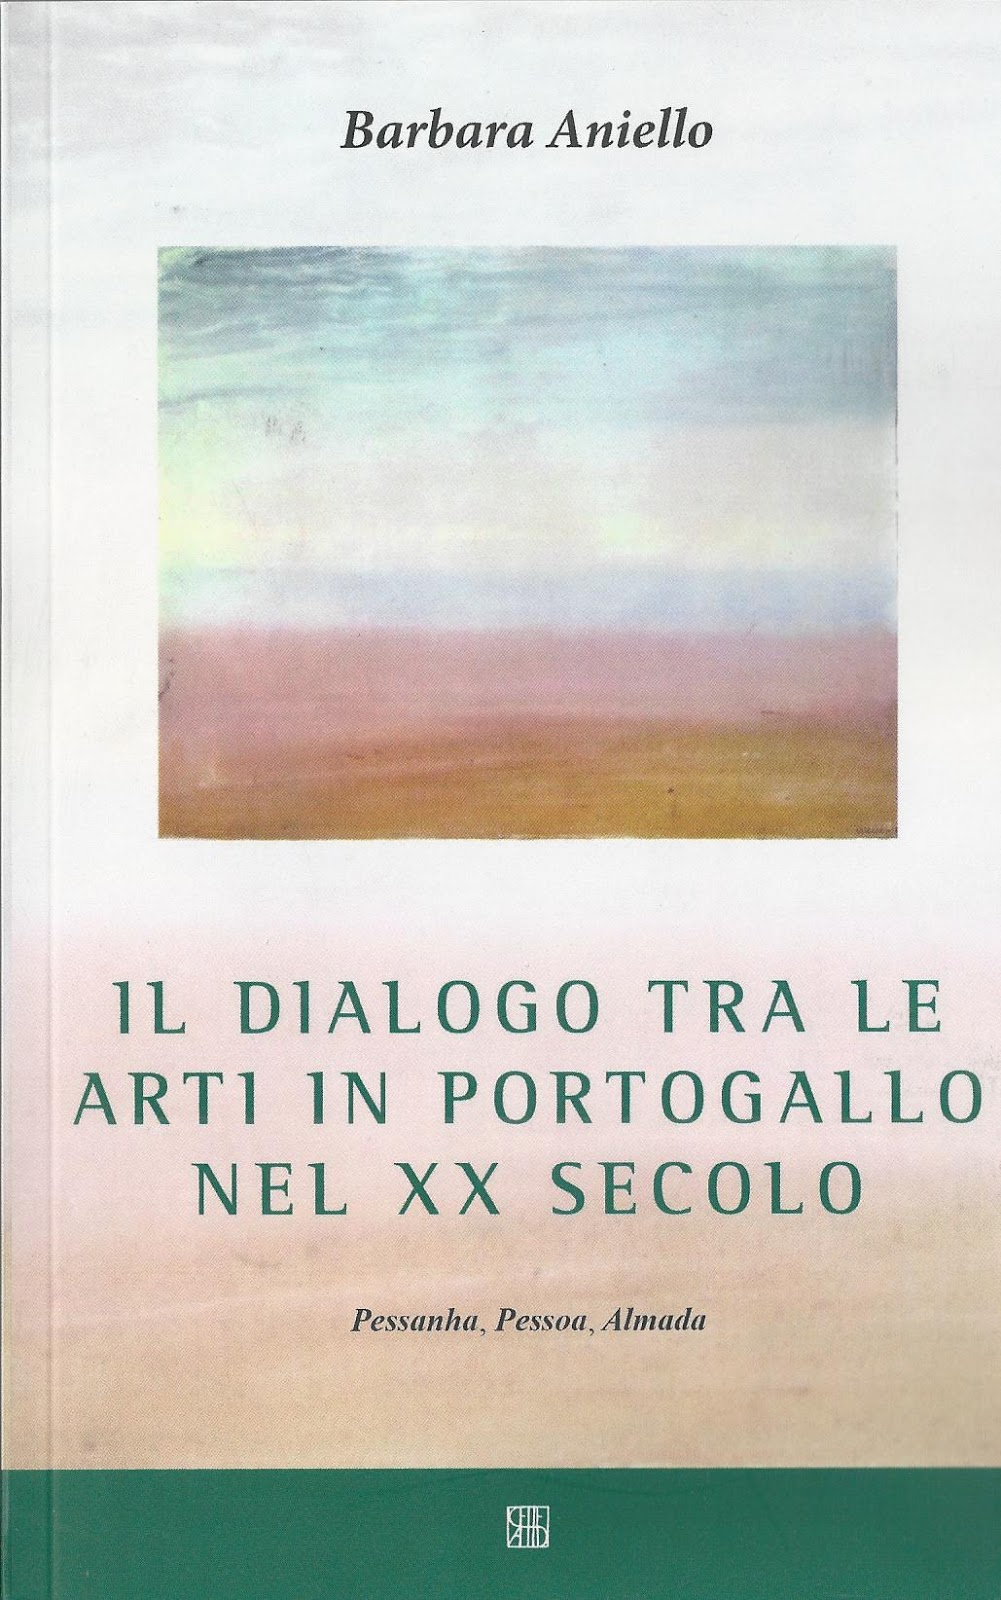 Via dei portoghesi 2015 barbara aniello il dialogo tra le arti in portogallo nel xx secolo fandeluxe Choice Image